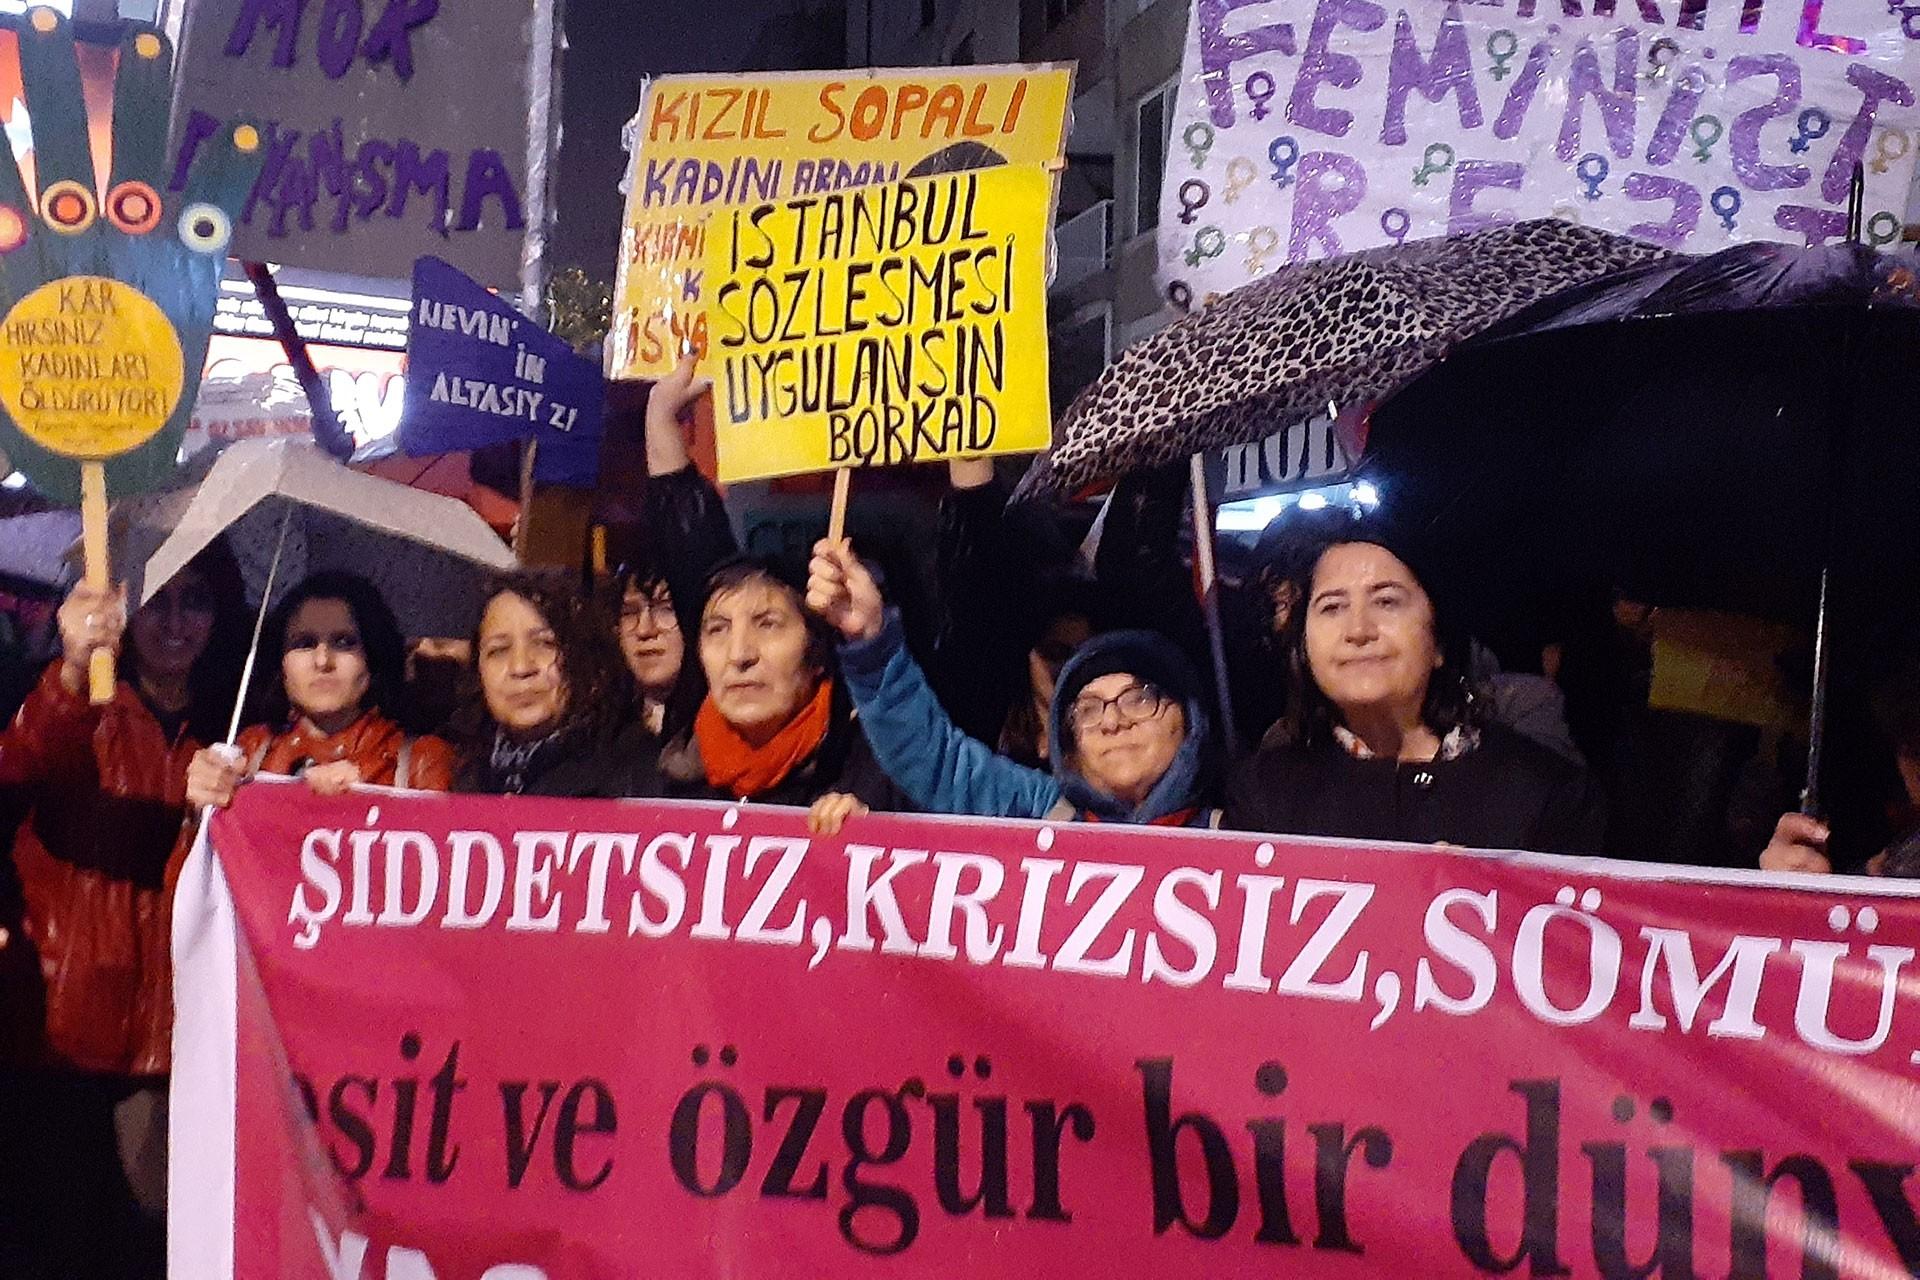 Kadınlar taleplerini anlatan pankart ve dövizlerle eylemde.